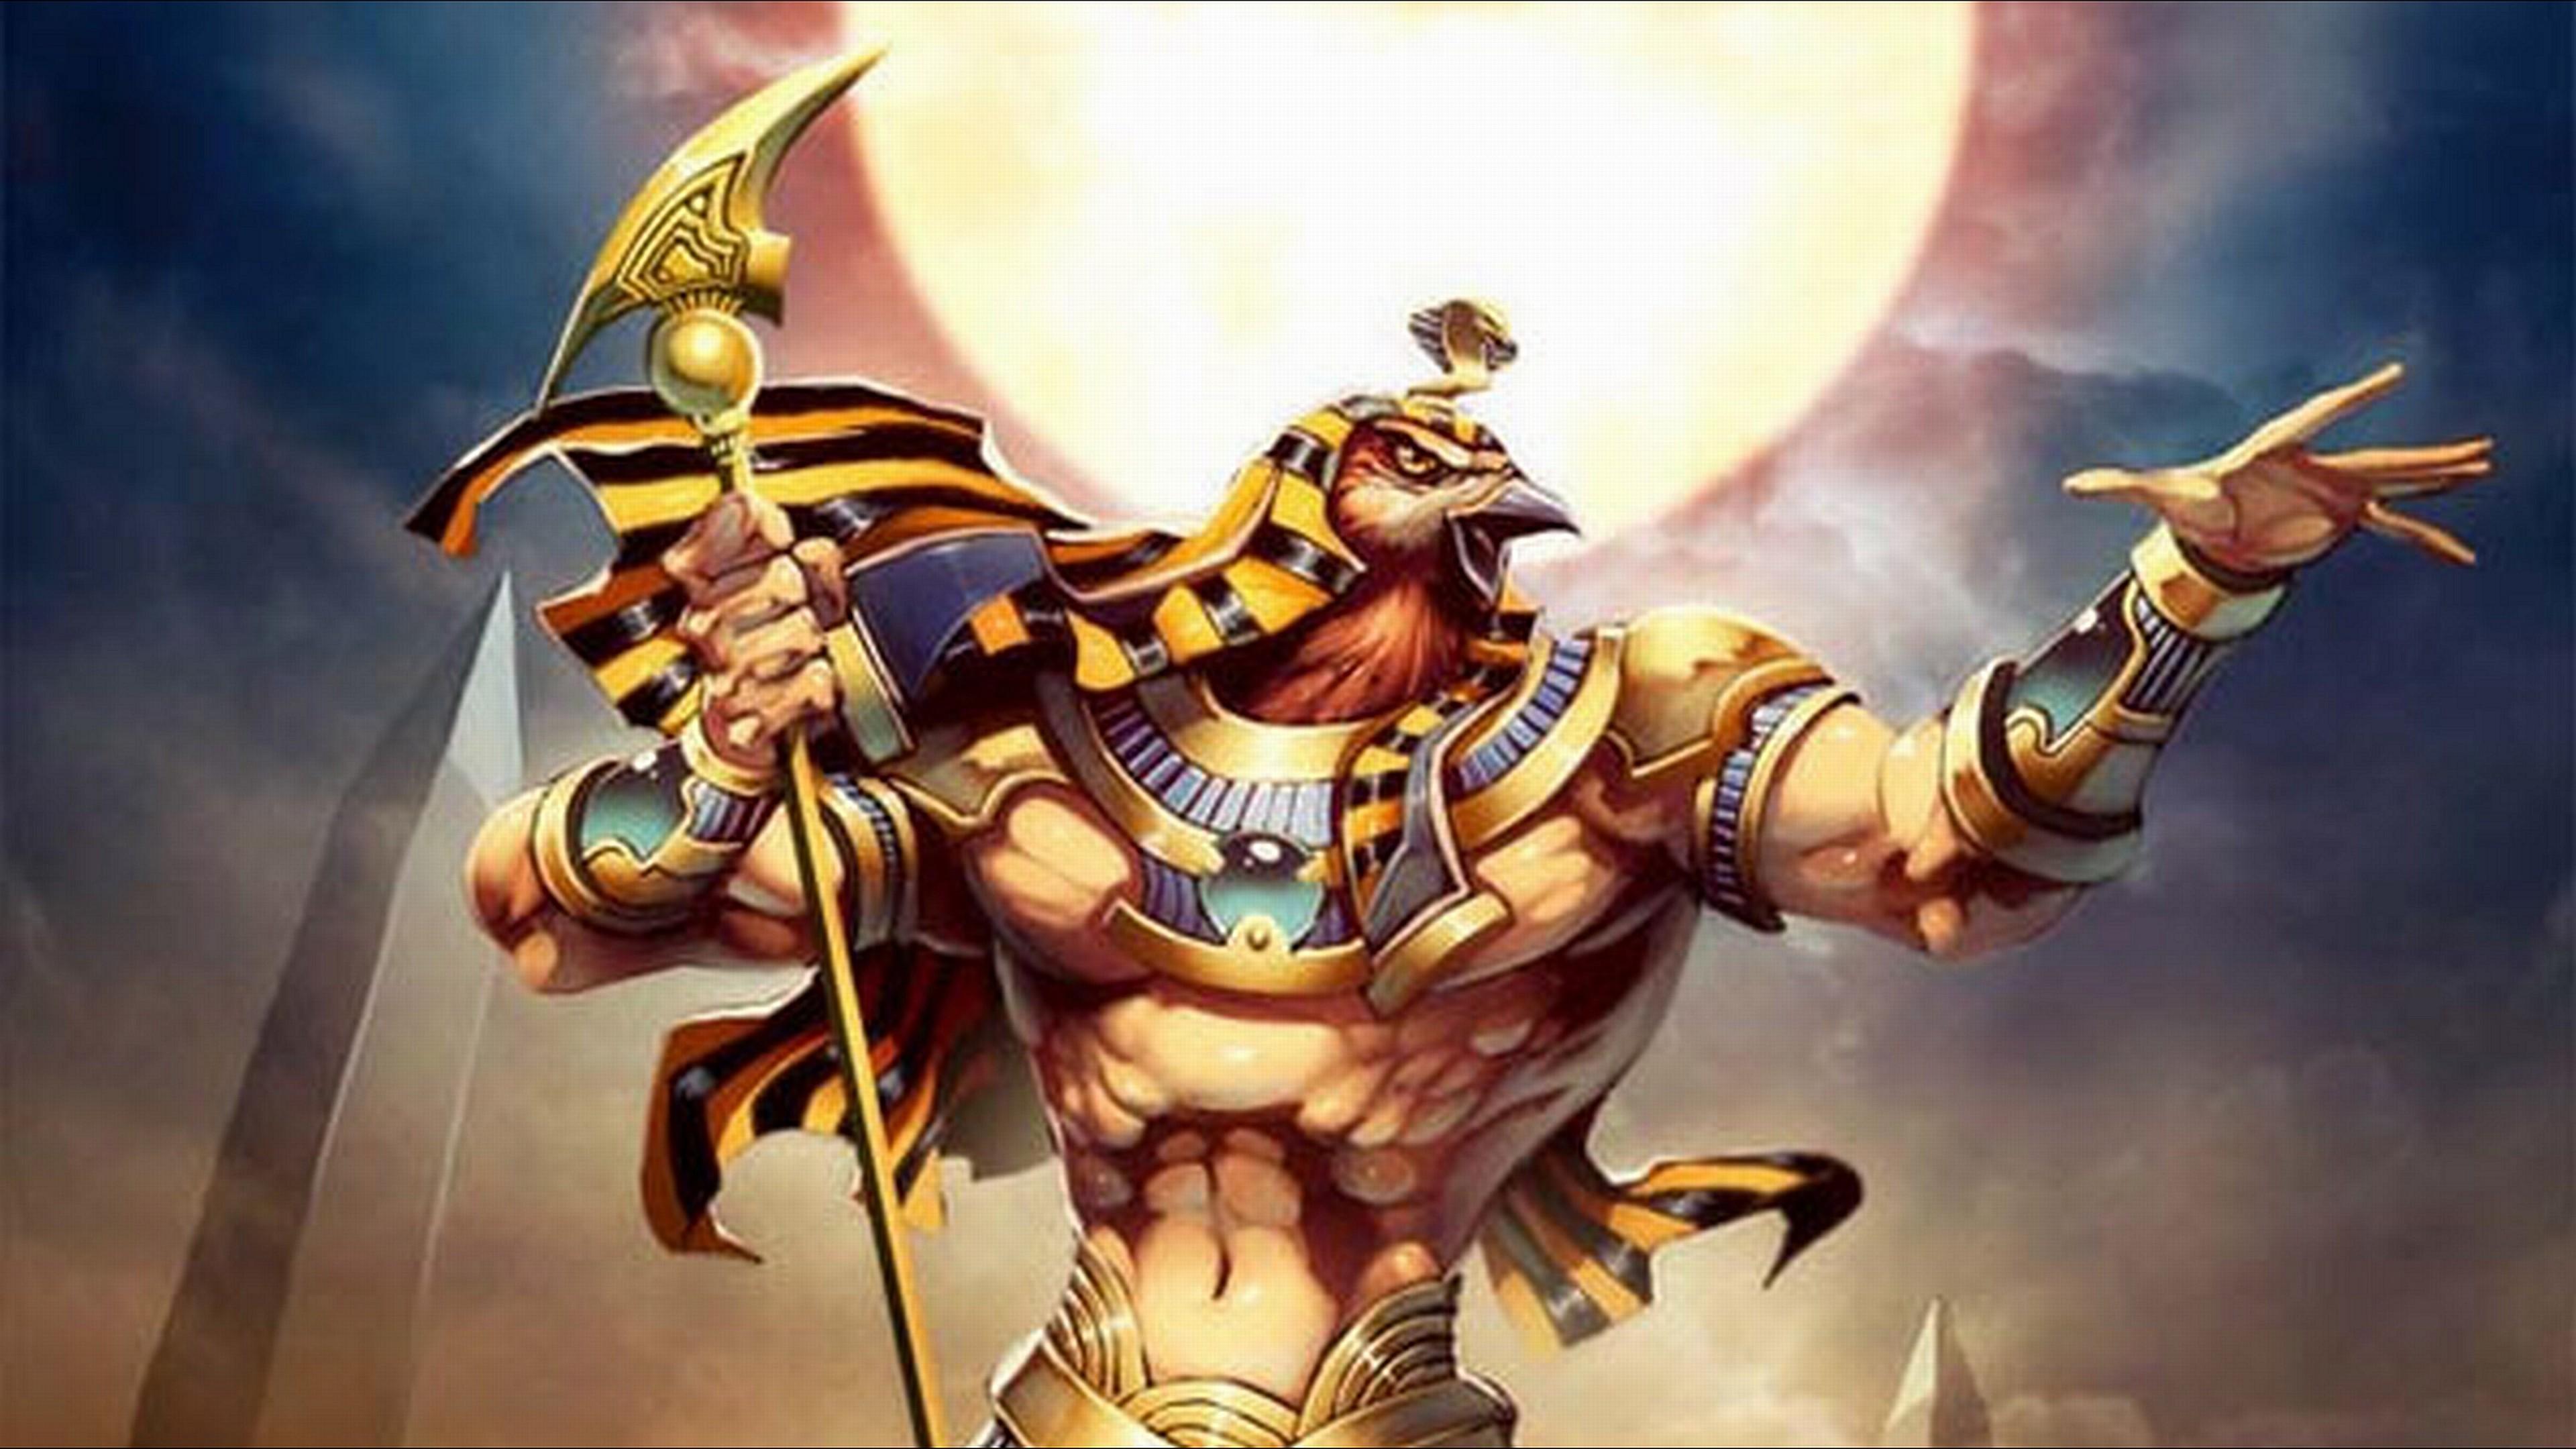 Egyptian God Wallpaper Free gods wallpaper background